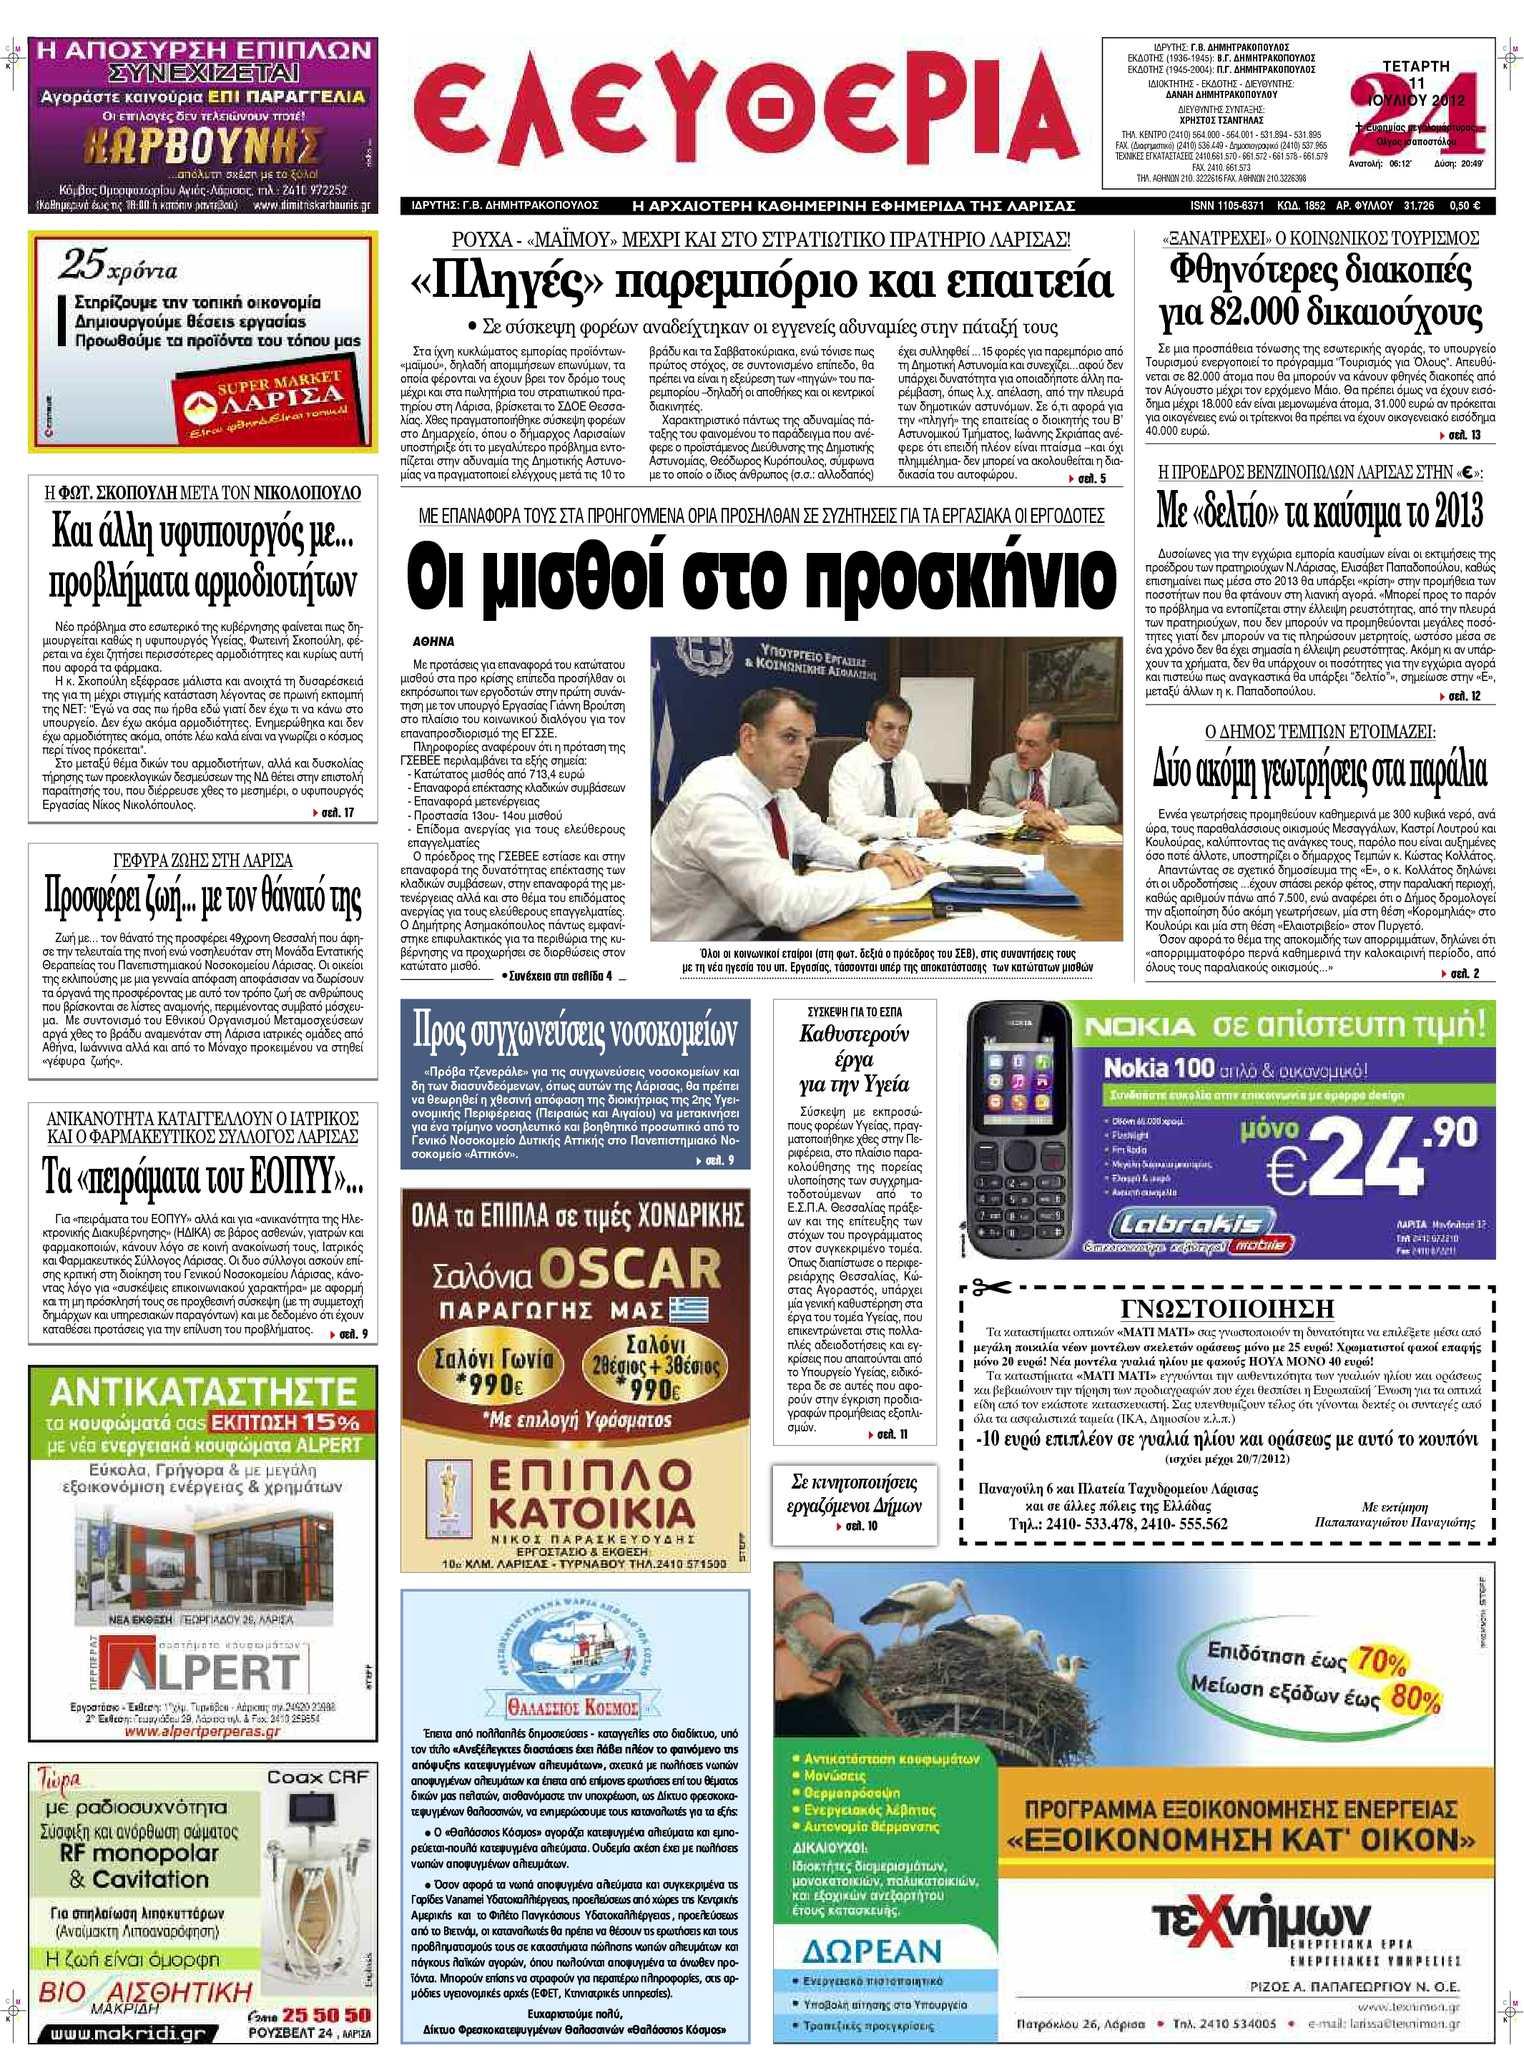 Calaméo - Eleftheria.gr 11 07 2012 5ddc631ecc0